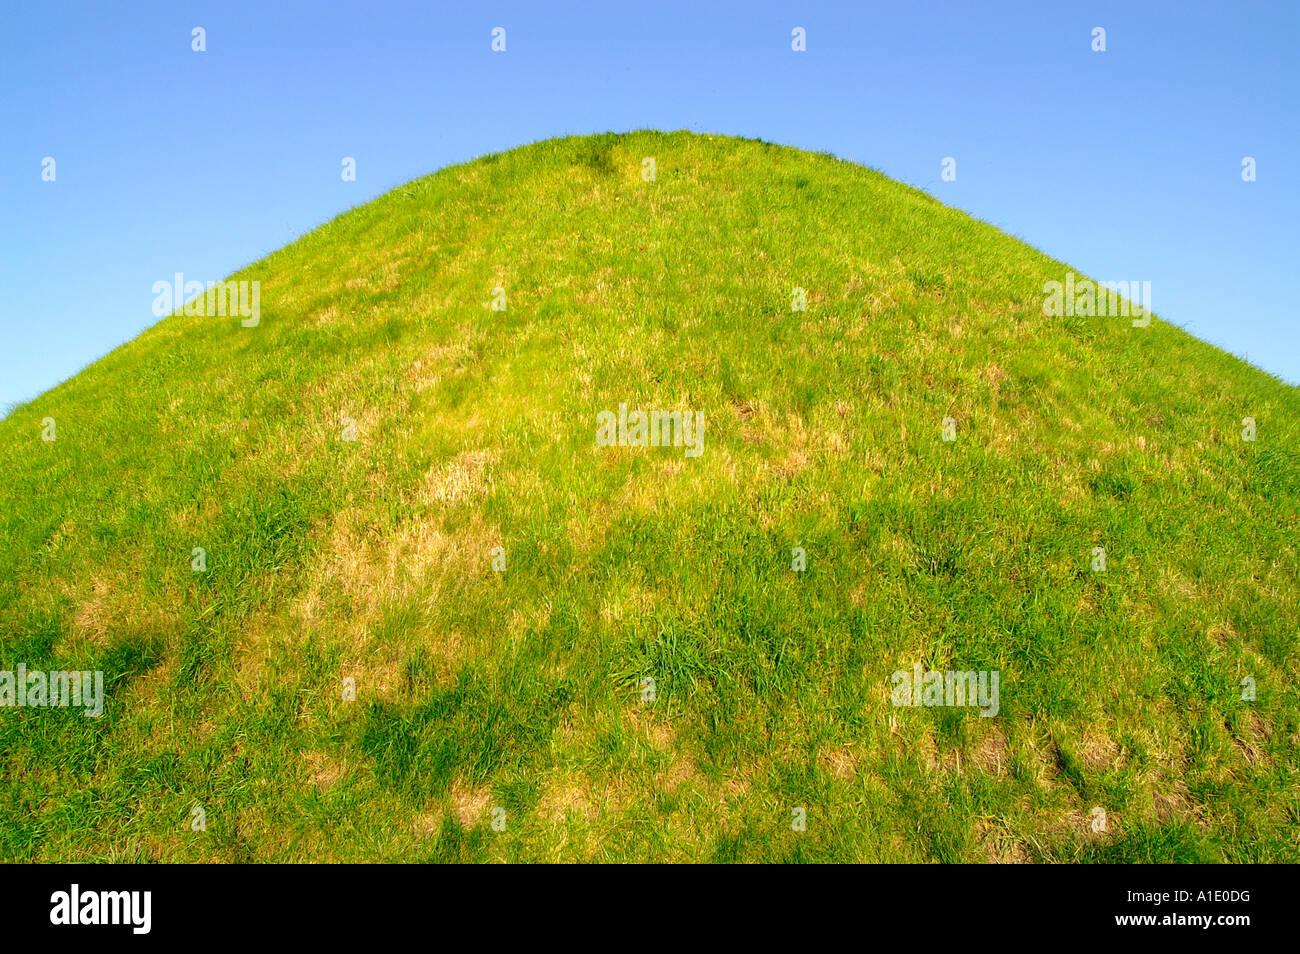 kopiec kosciuszka kosciuszko mound hill green grass lawn hummock